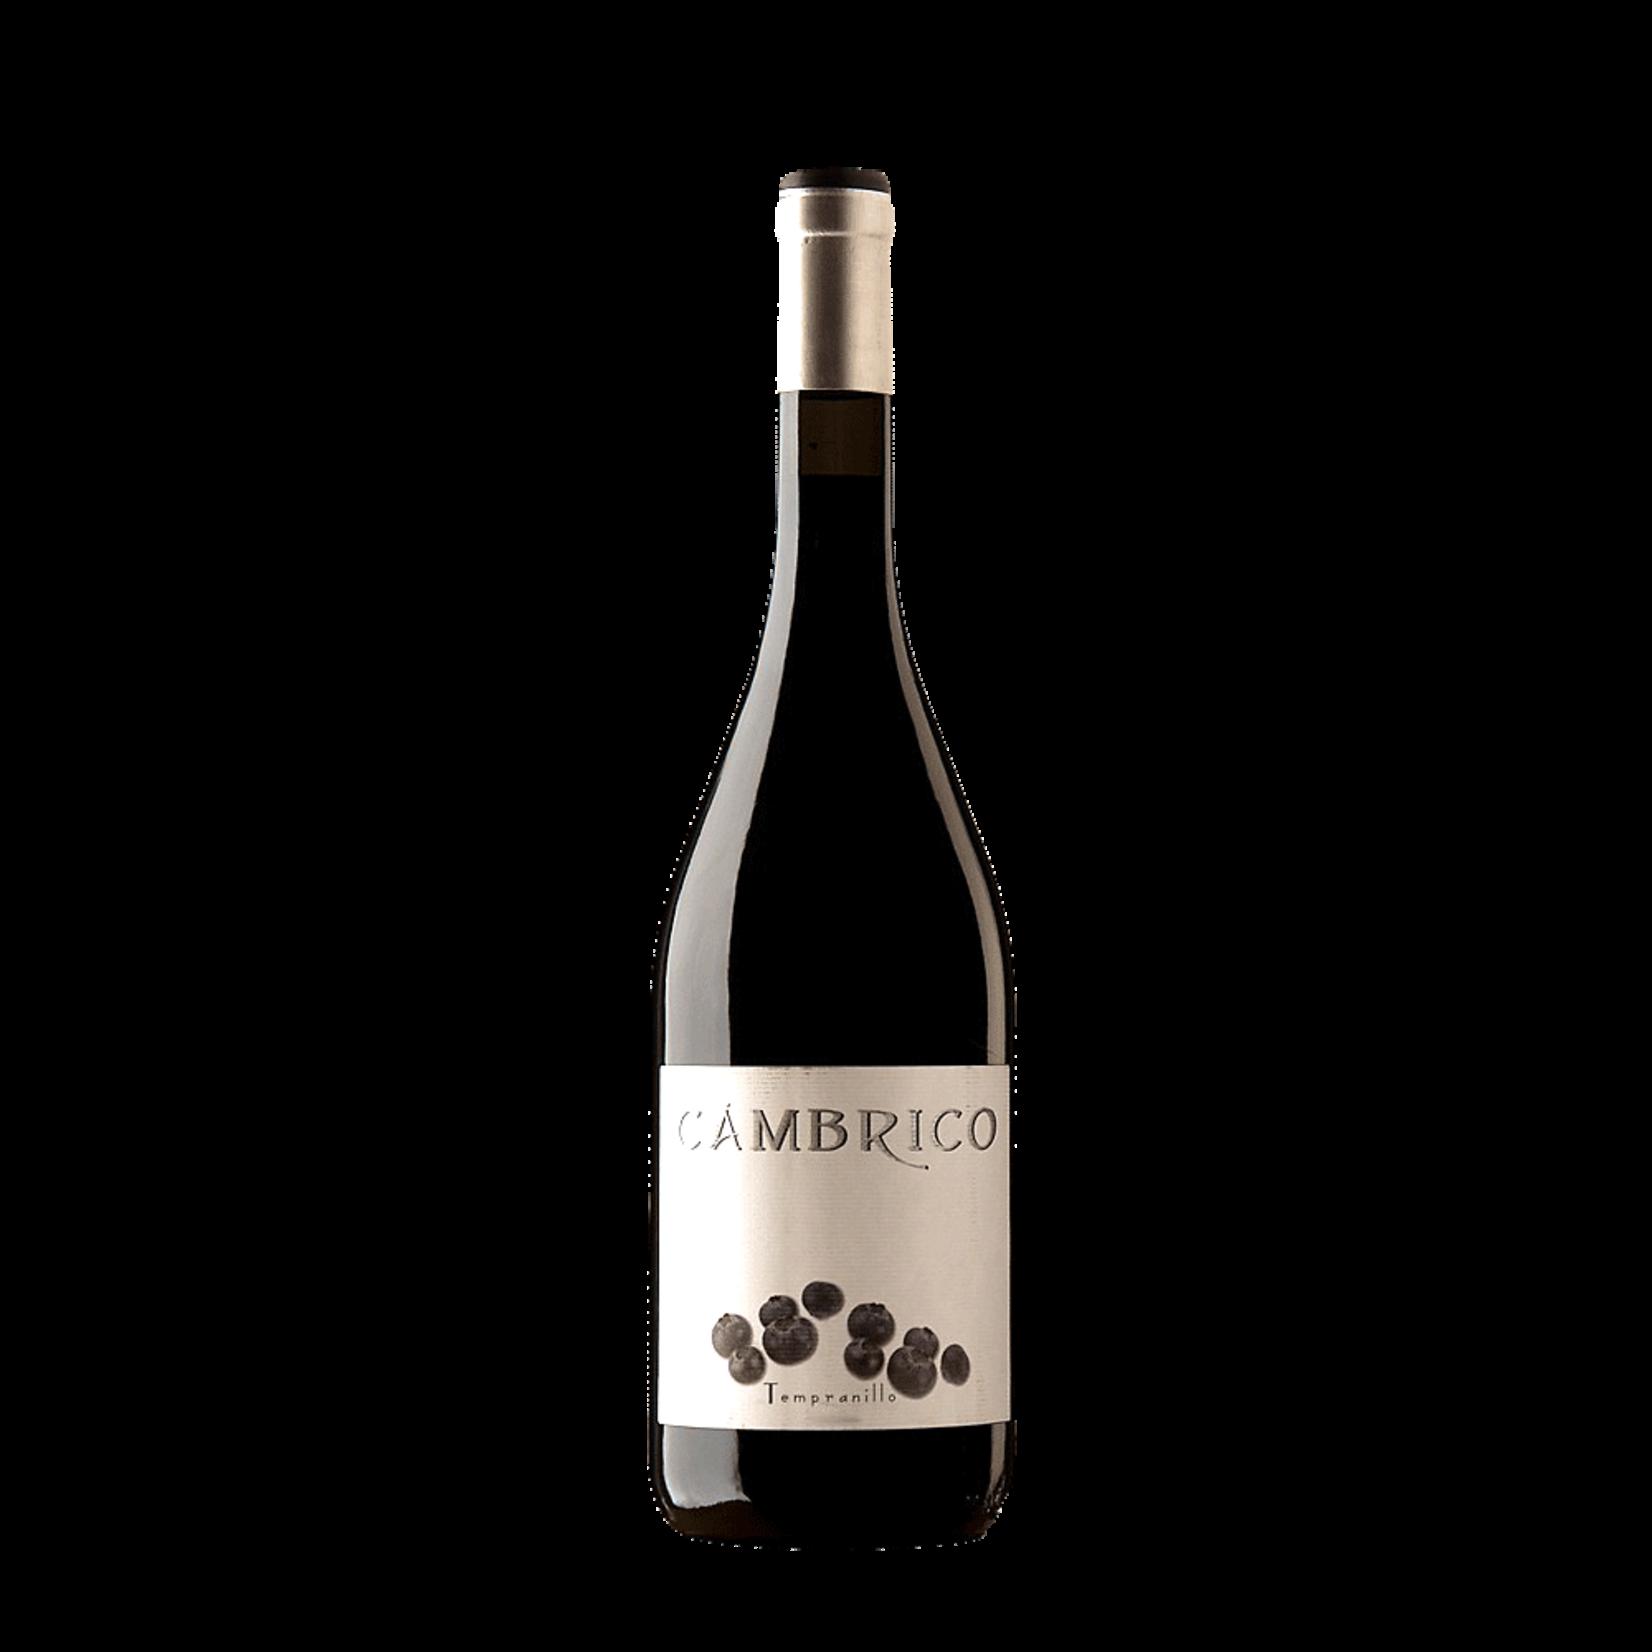 Wine Cambrico Tempranillo 2004 1.5L owc